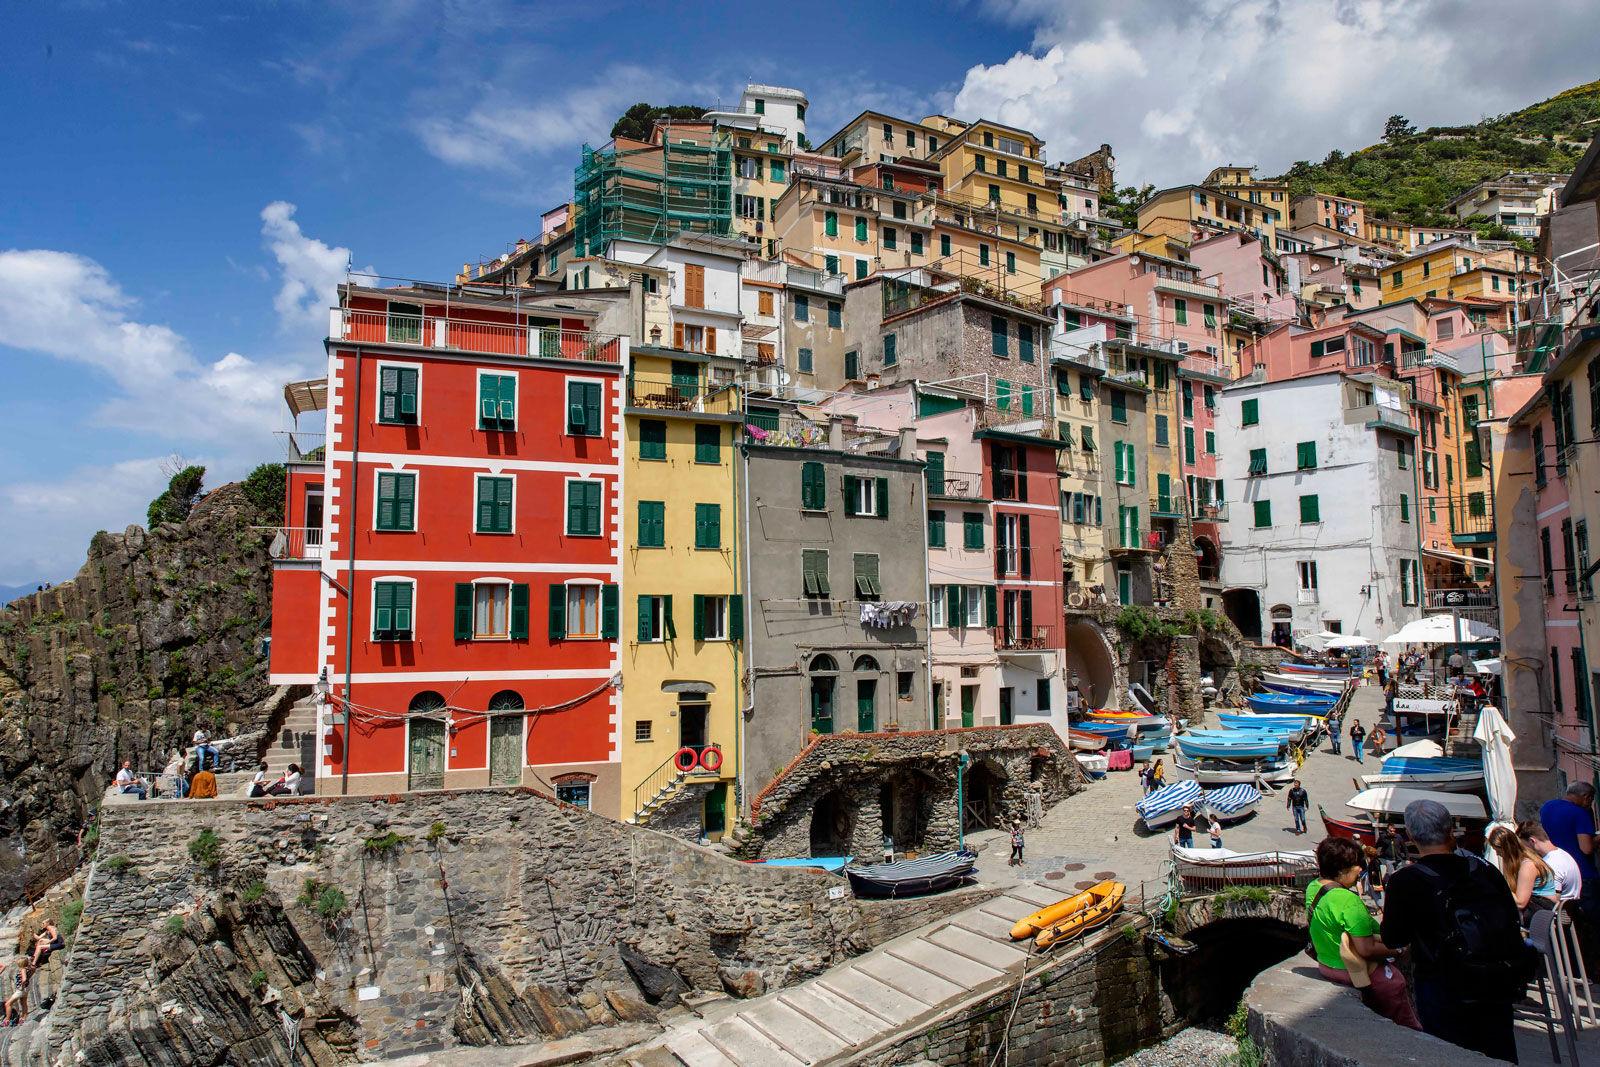 Riomaggiore - A Cinque Port - Italy